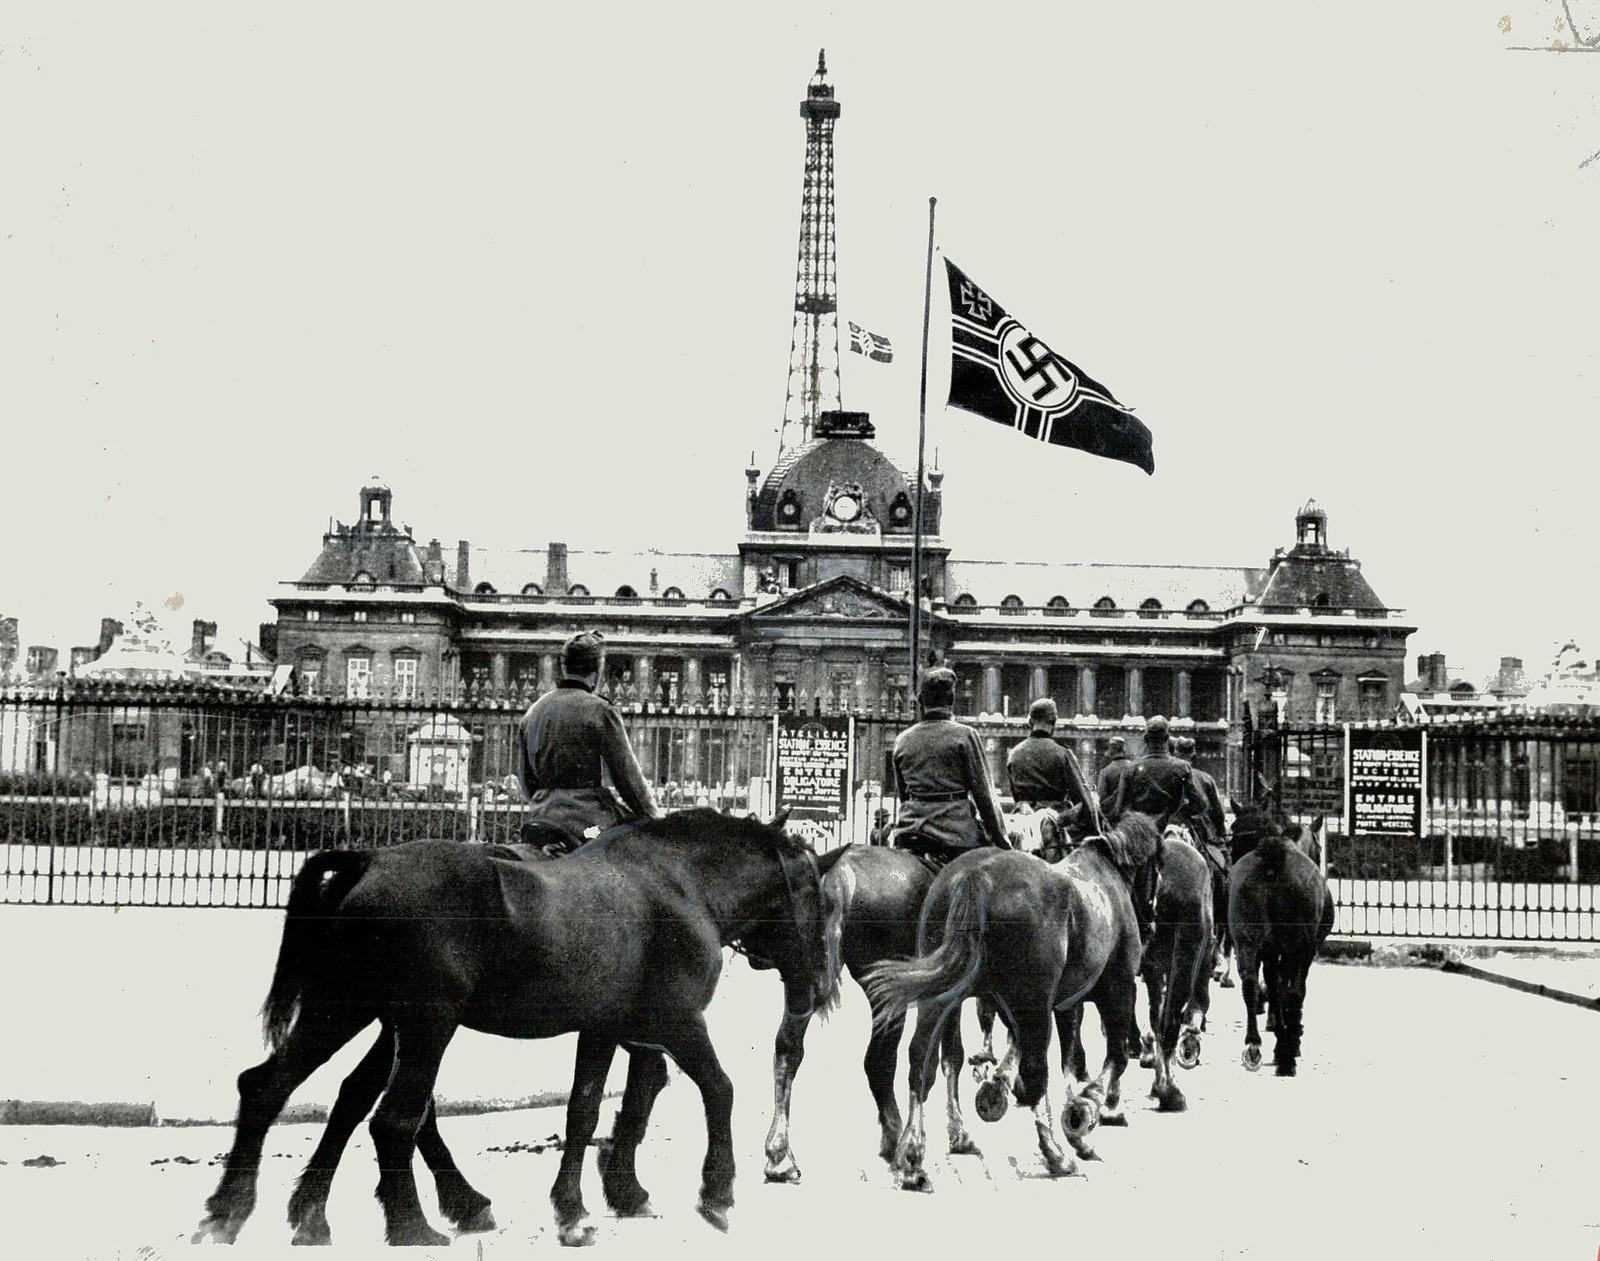 1942. Эйфелева башня; знаменитая парижская достопримечательность; на которую, как сообщается, у Берлина есть планы утилизации